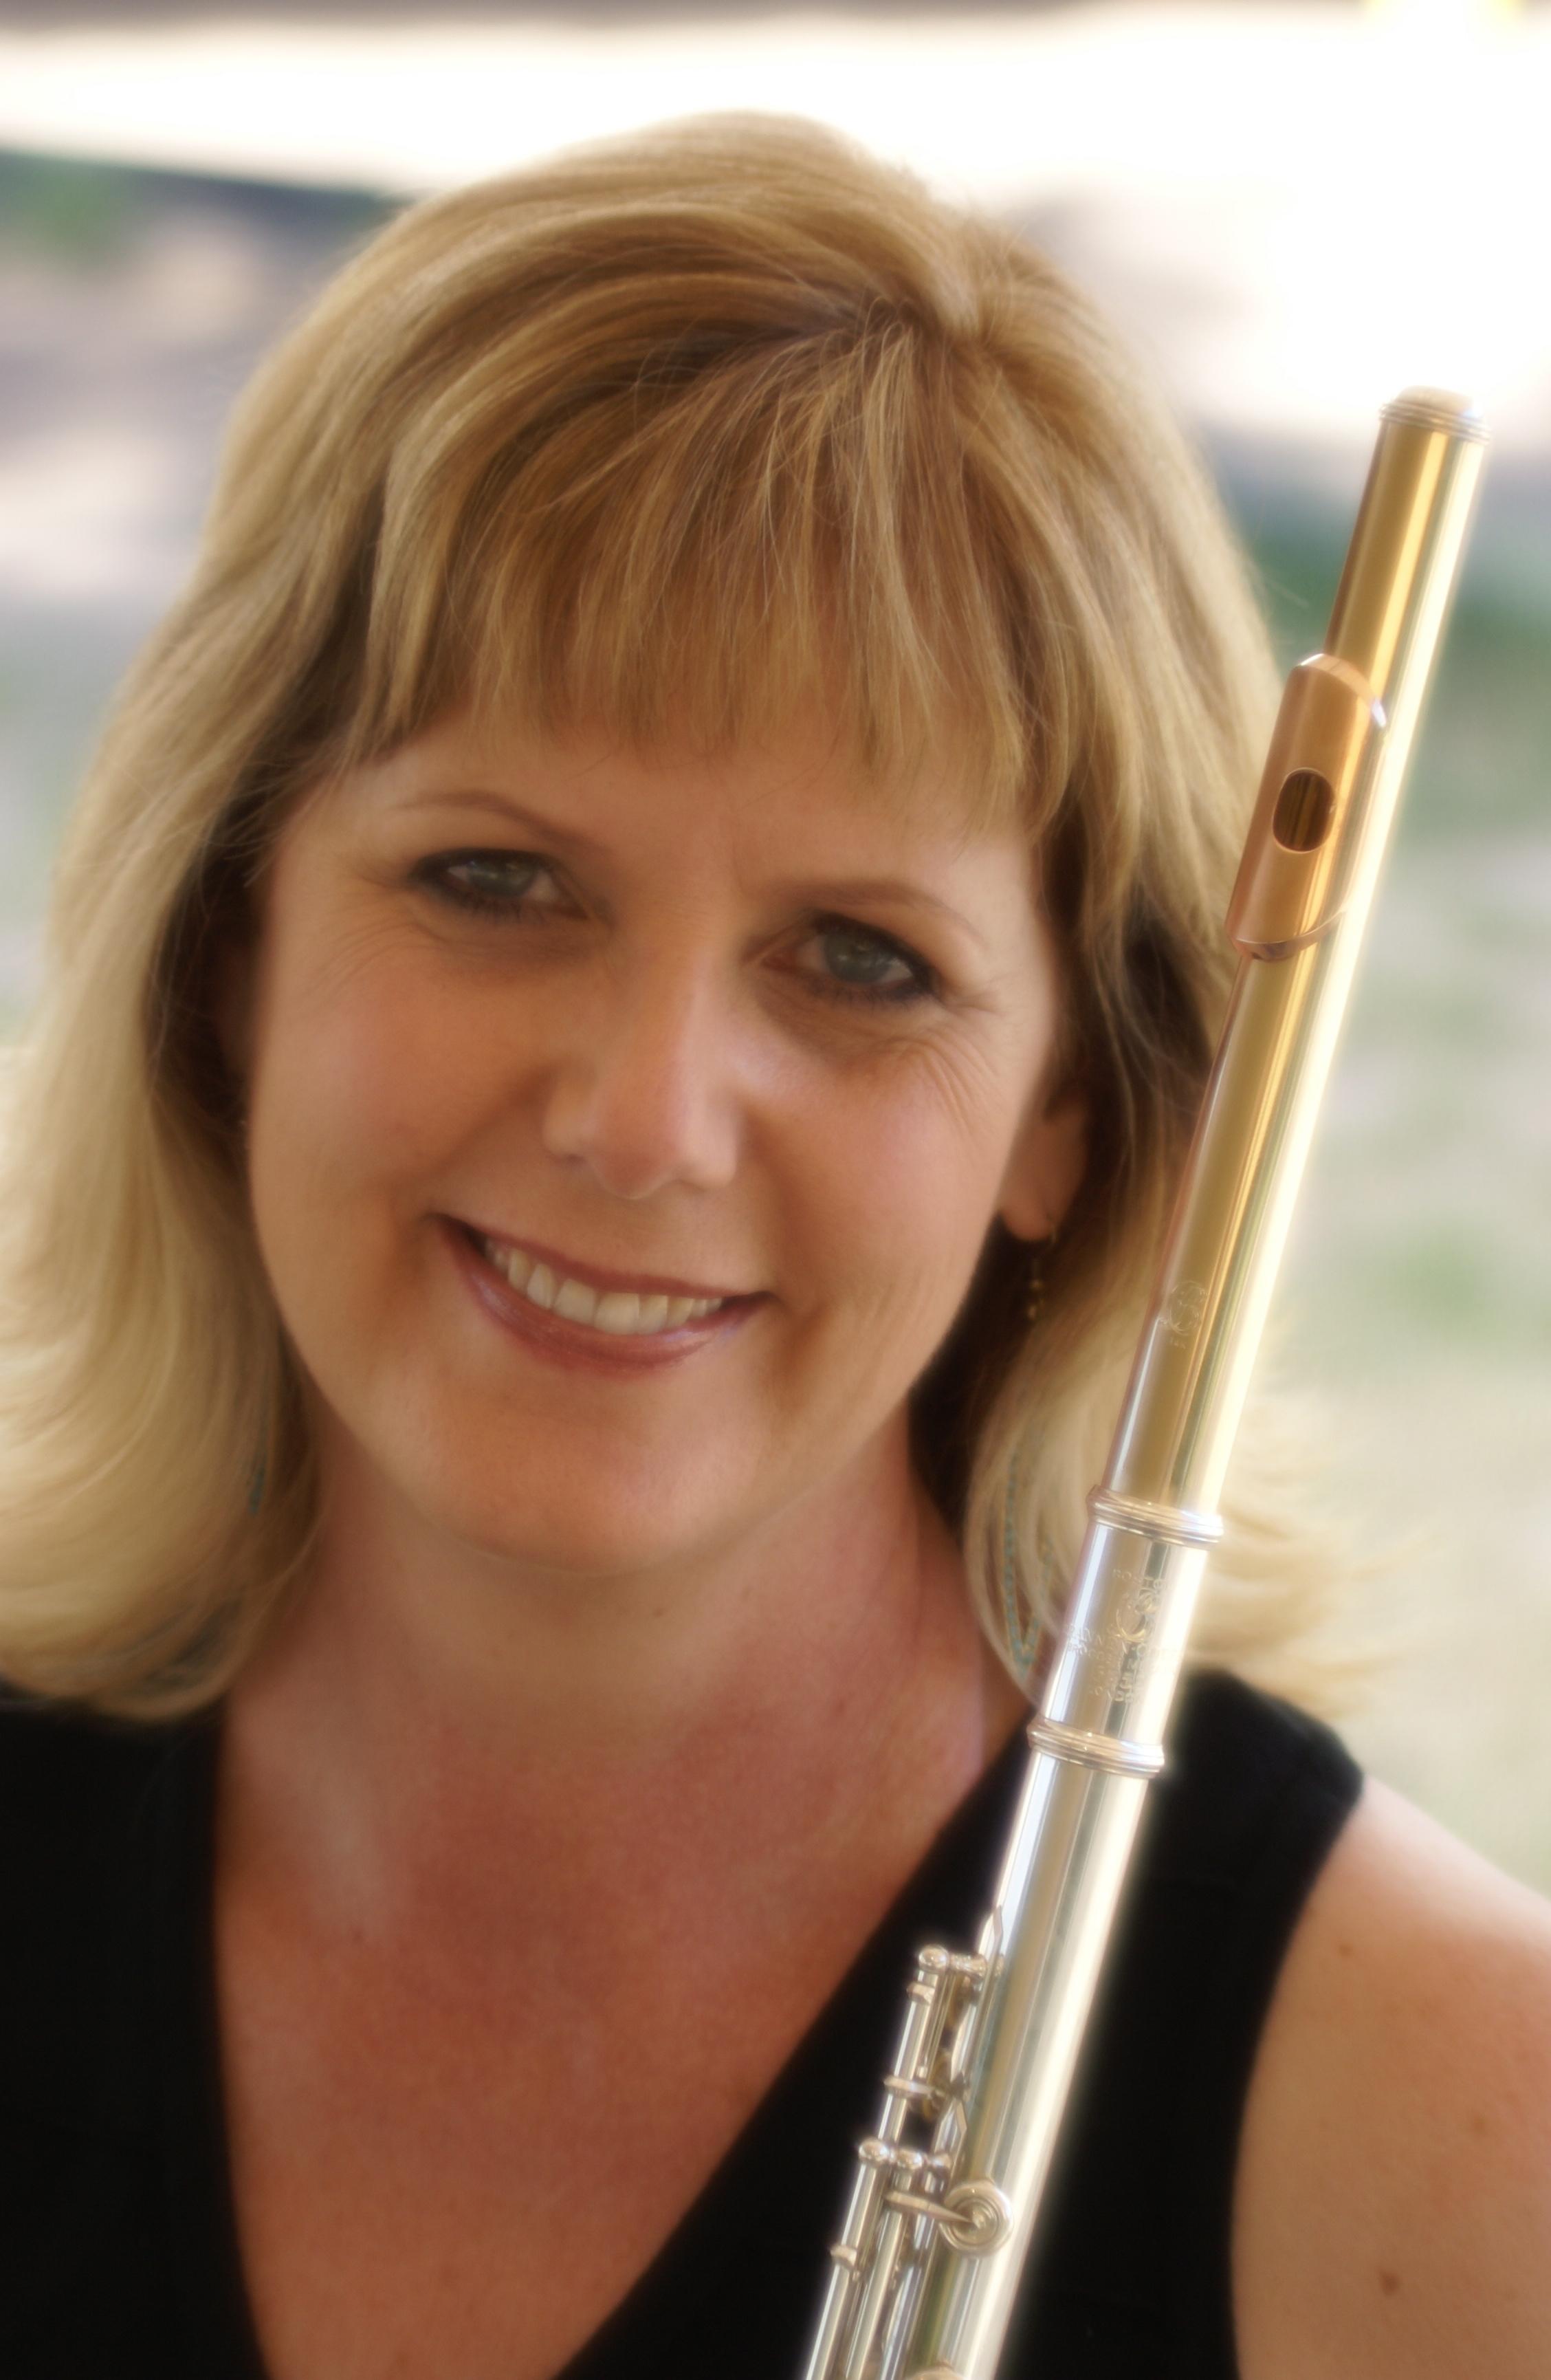 Lisa Van Winkle